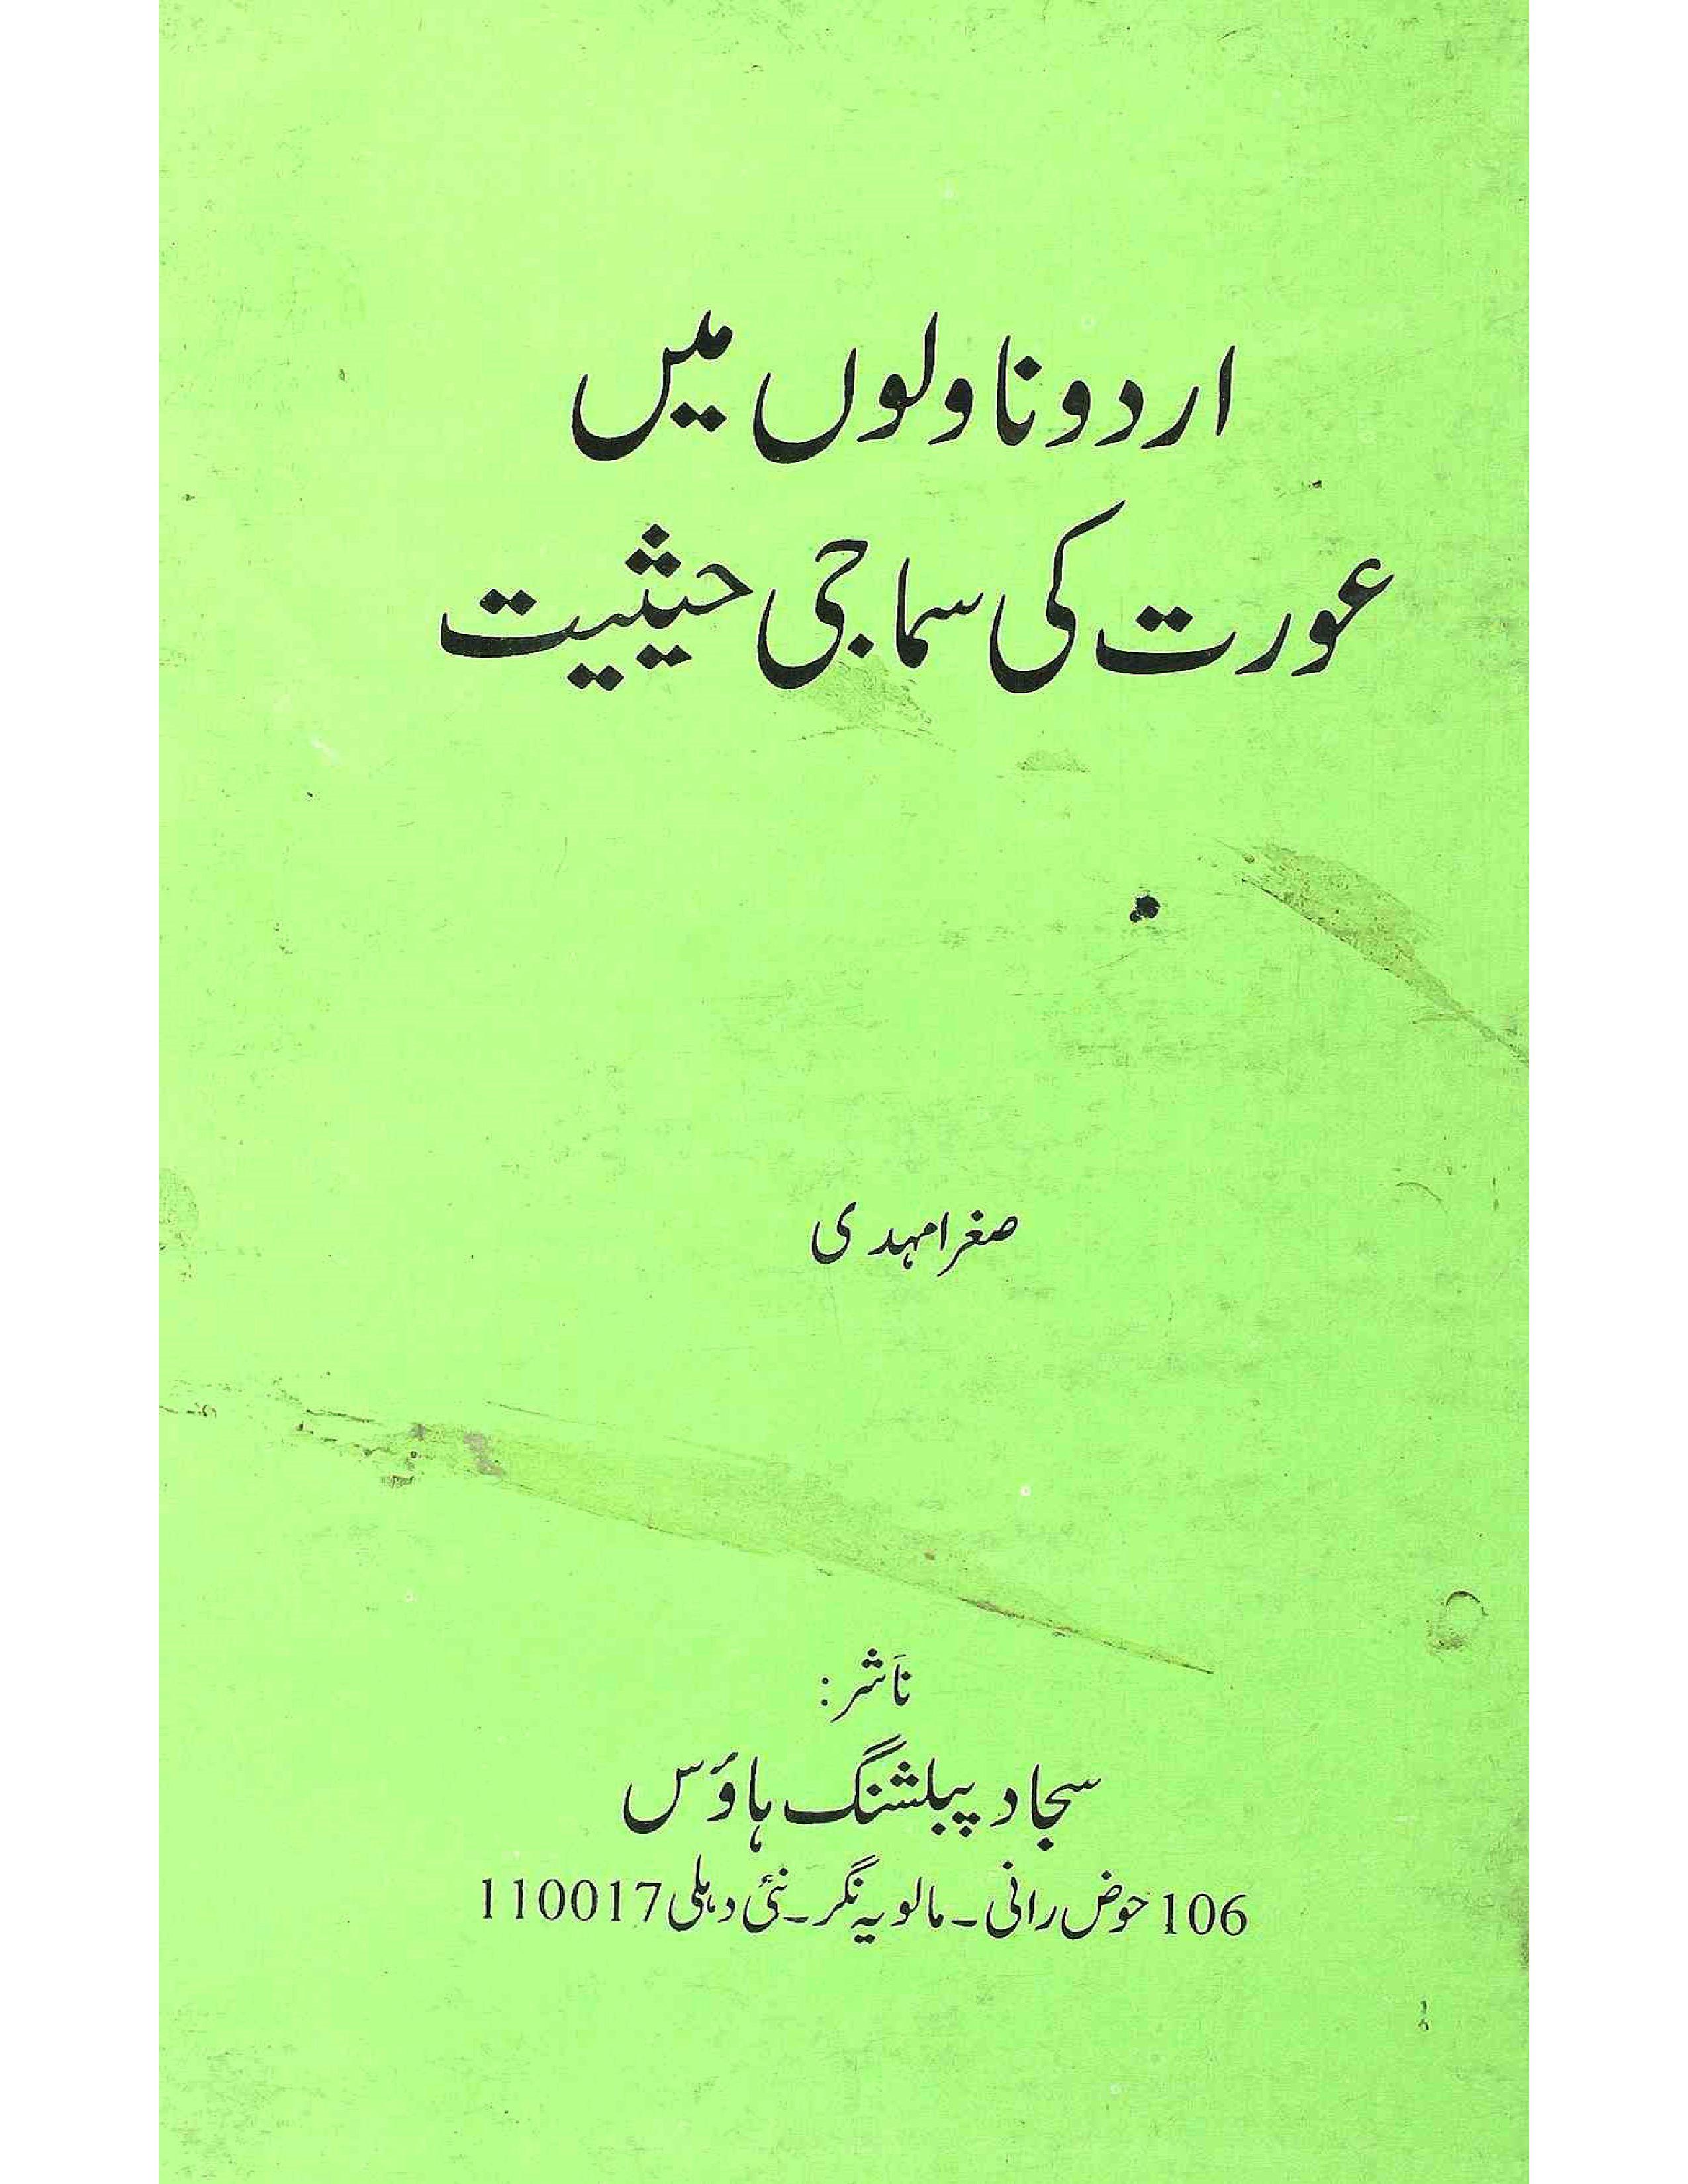 Urdu Navelon Mein Aurat Ki Samaji Haisiyat